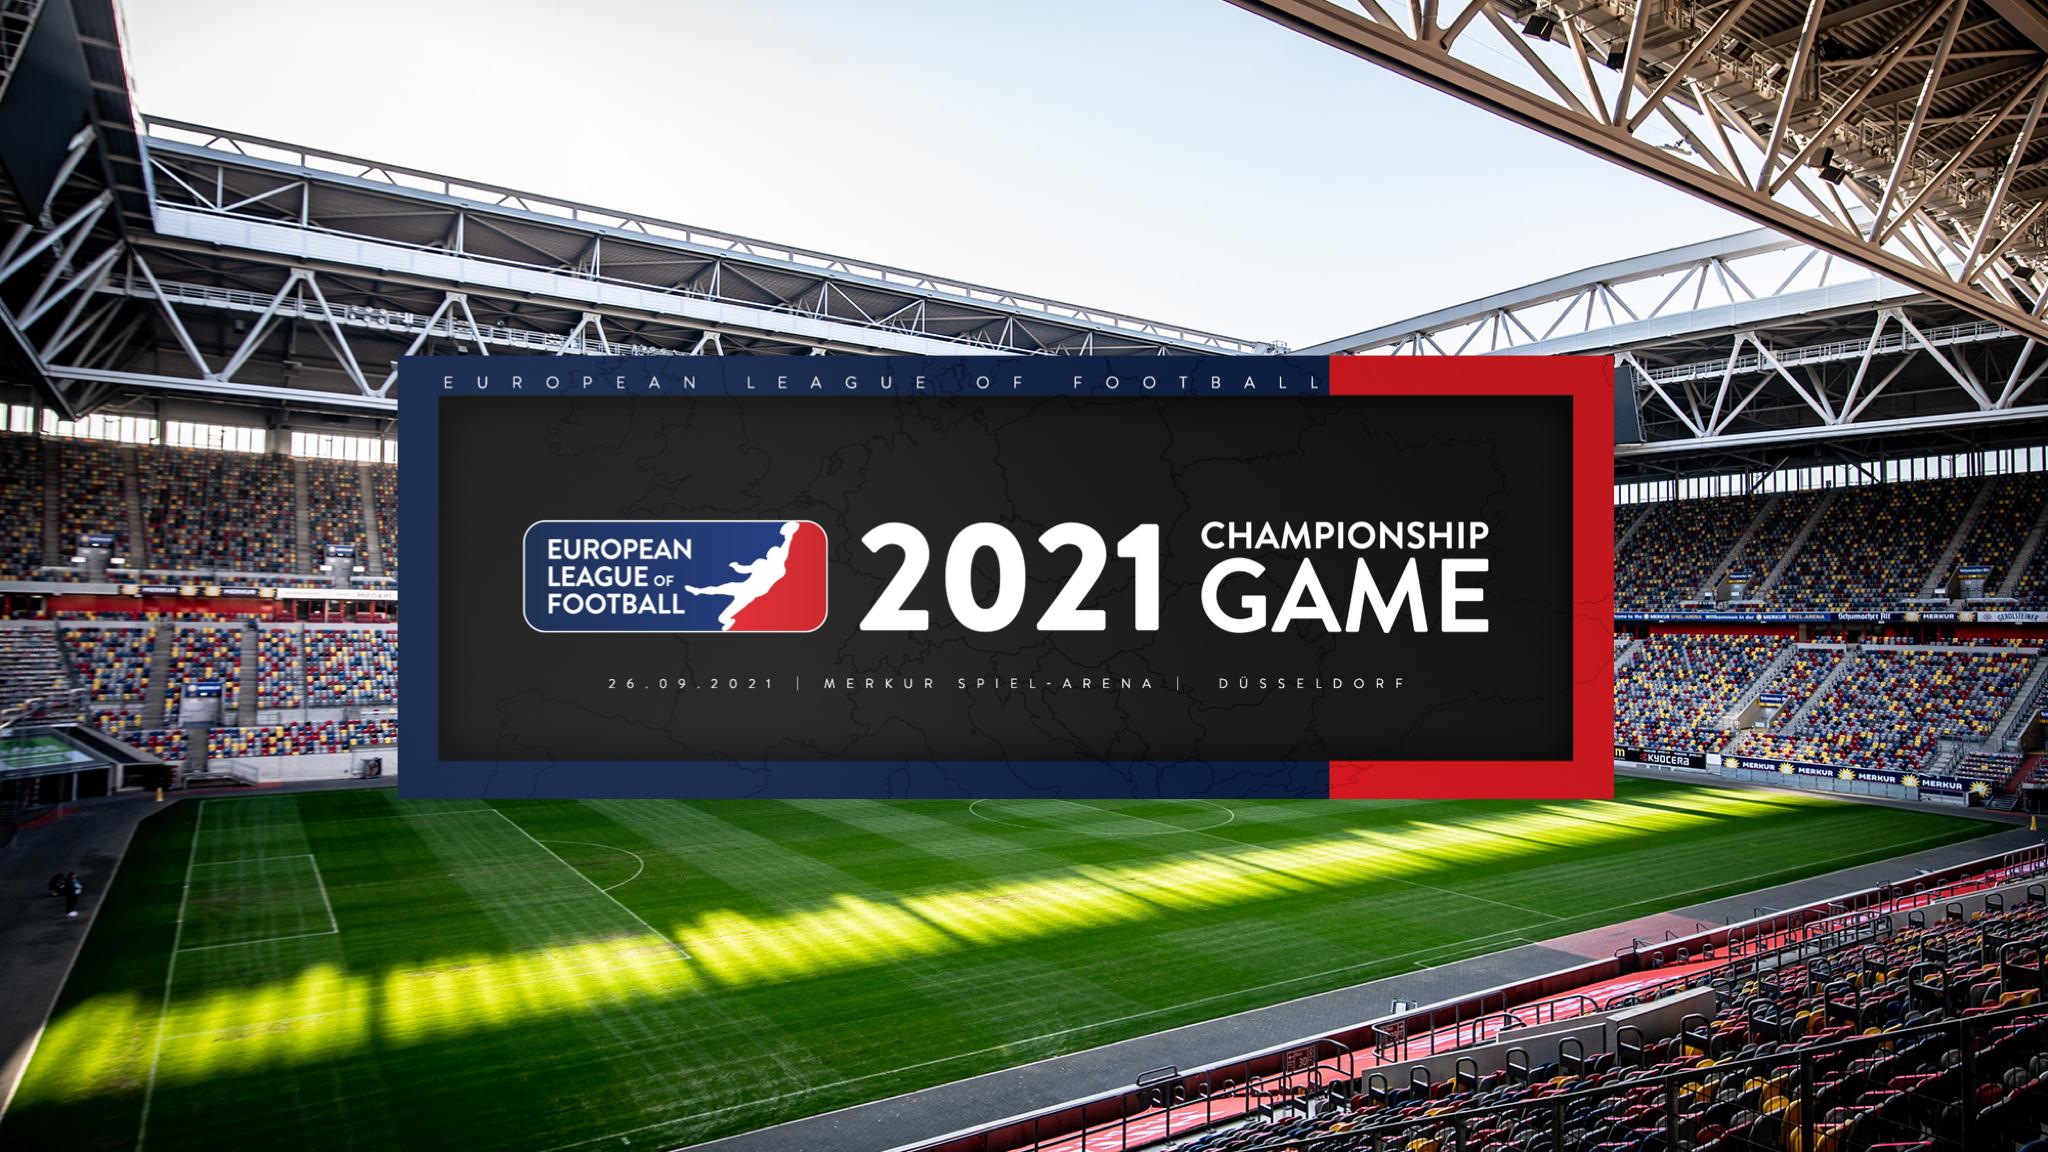 Acht Teams, ein Ziel: Das Finale der European League of Football findet in der MERKUR SPIEL-ARENA statt